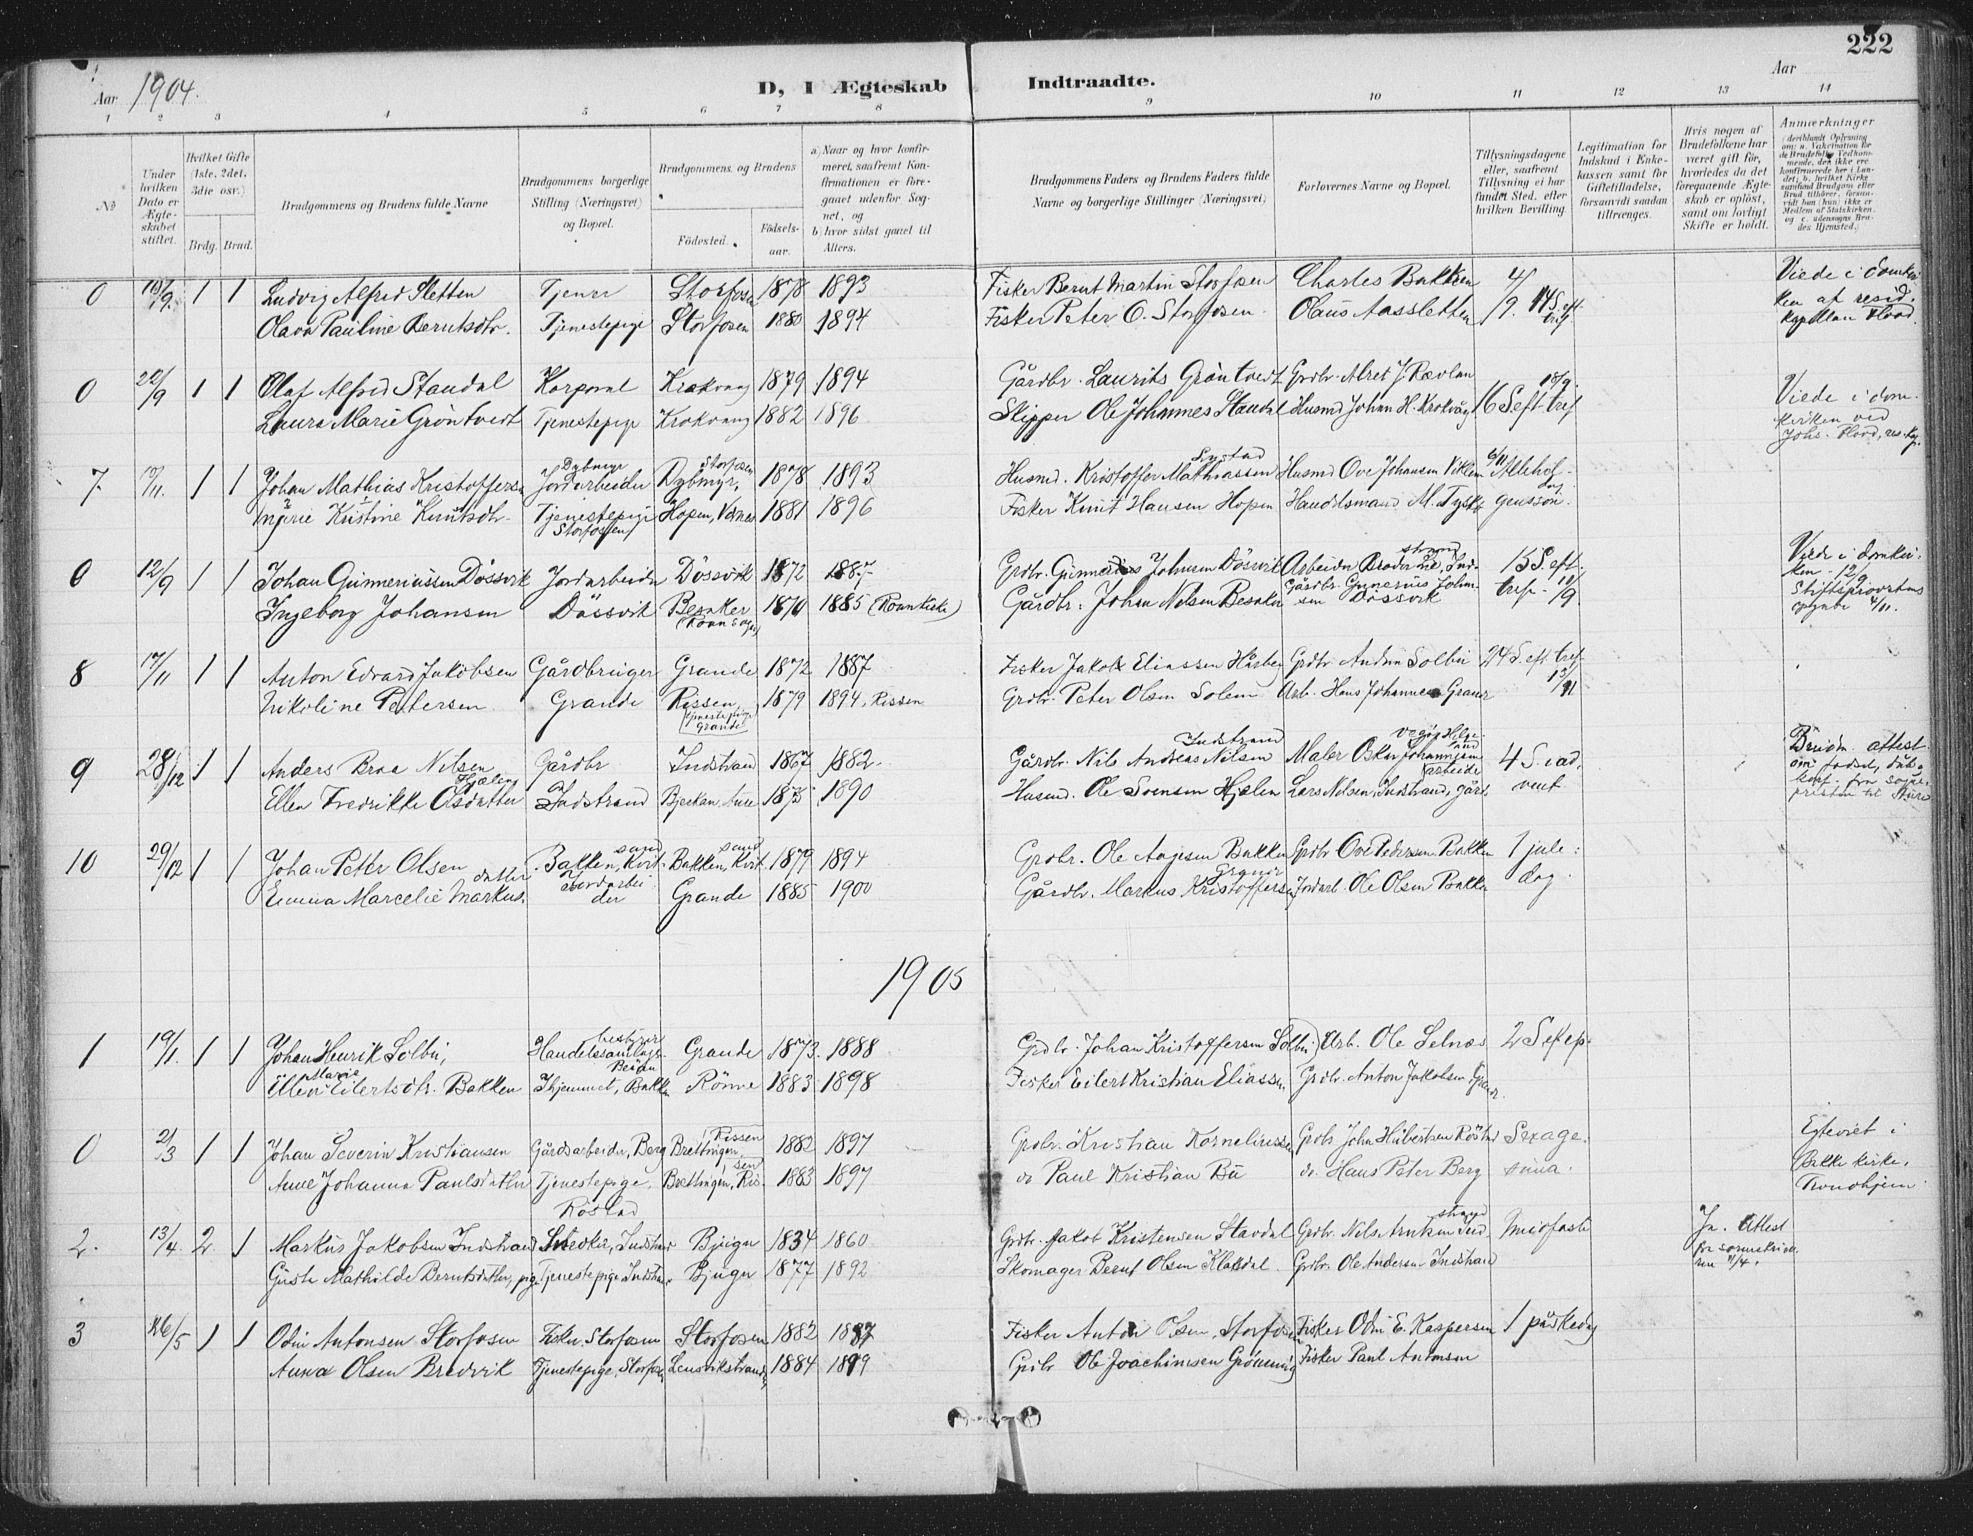 SAT, Ministerialprotokoller, klokkerbøker og fødselsregistre - Sør-Trøndelag, 659/L0743: Ministerialbok nr. 659A13, 1893-1910, s. 222